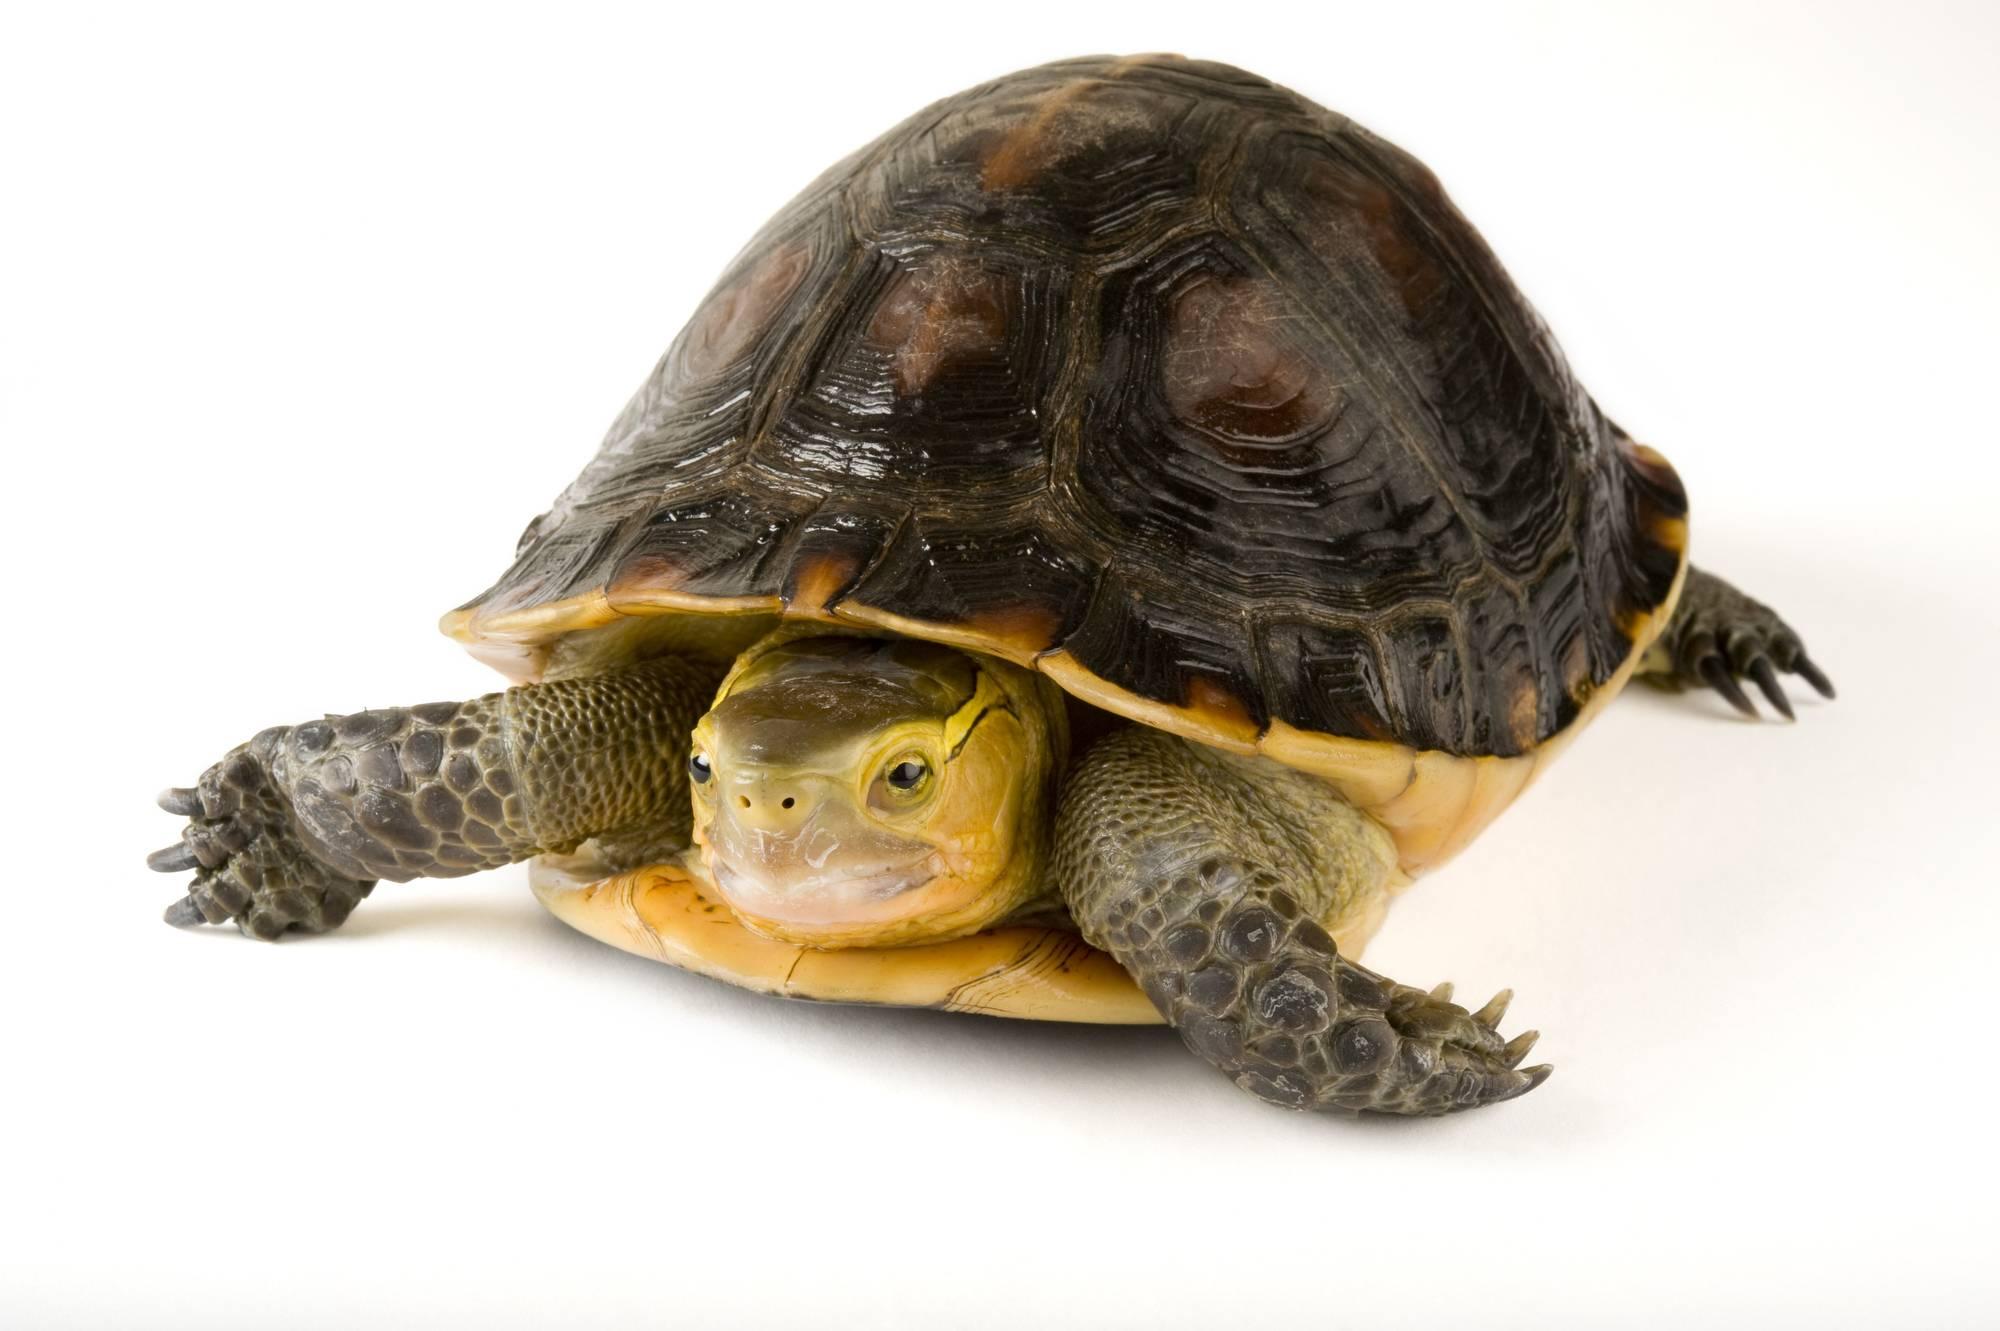 Amboina коробка черепаха - amboina box turtle - qwe.wiki